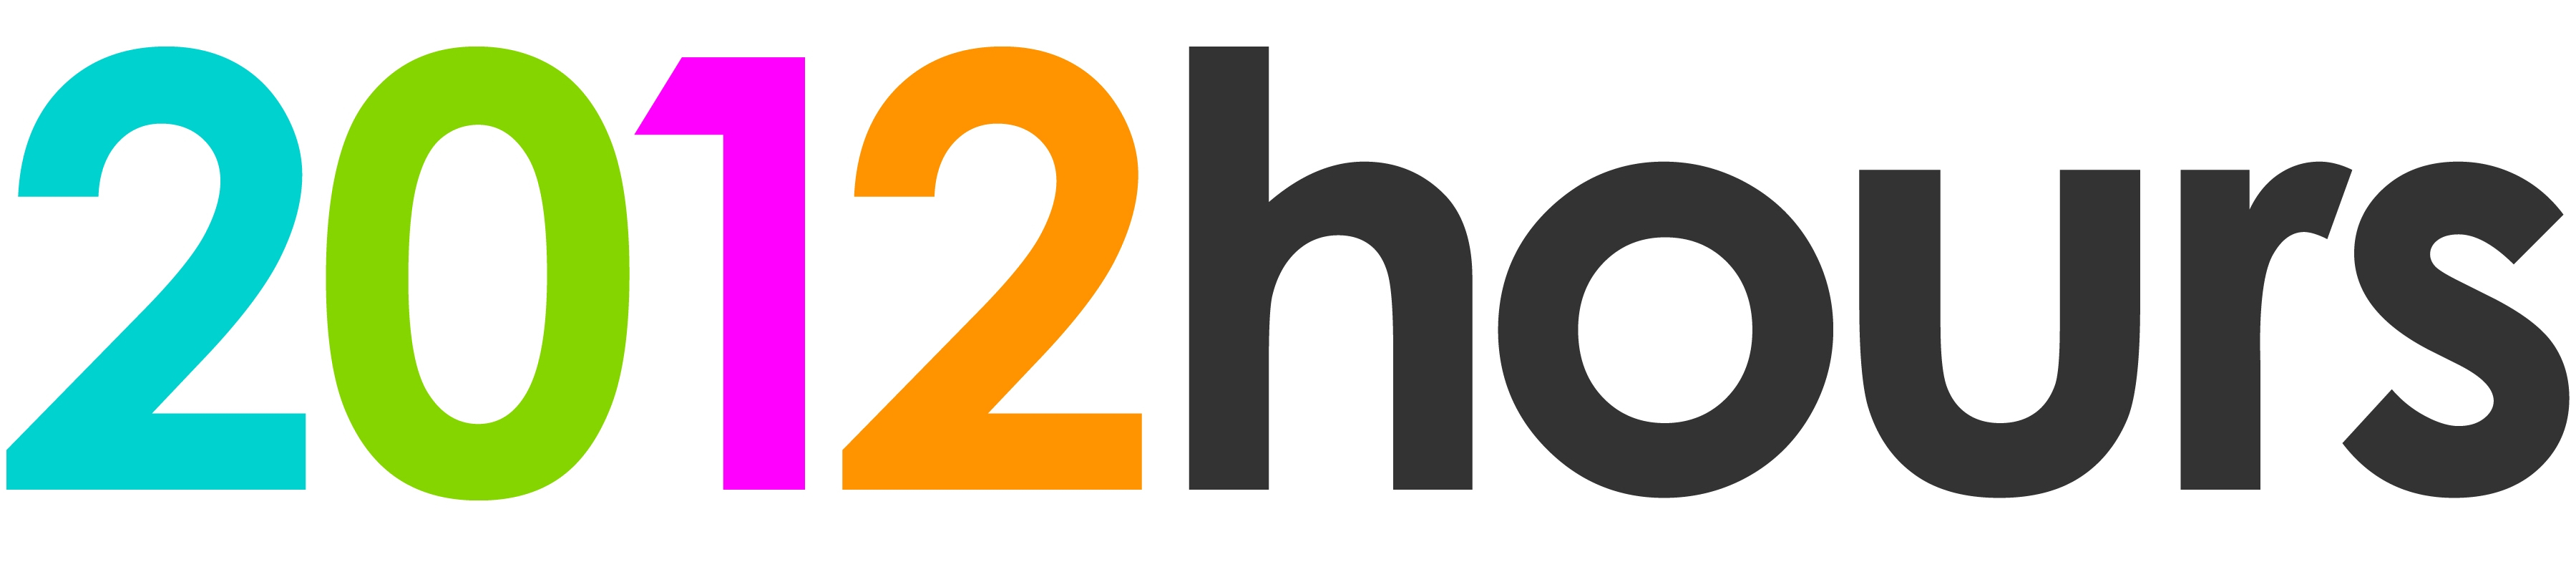 2012_hours_banner.jpg